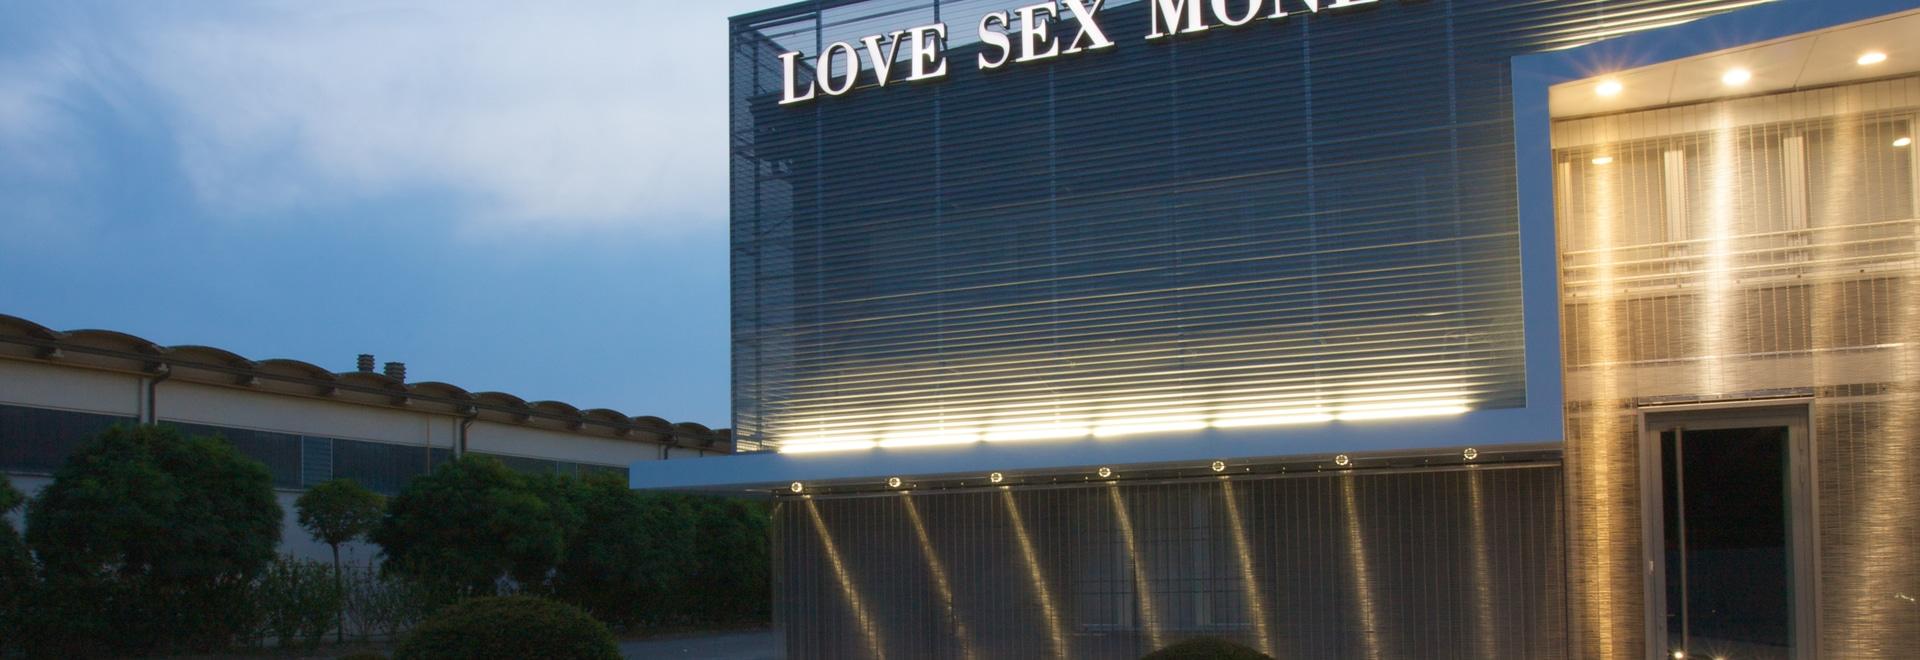 Fassaden - lieben Sie Sex-Geld-Hauptsitze; Carpi, Modena